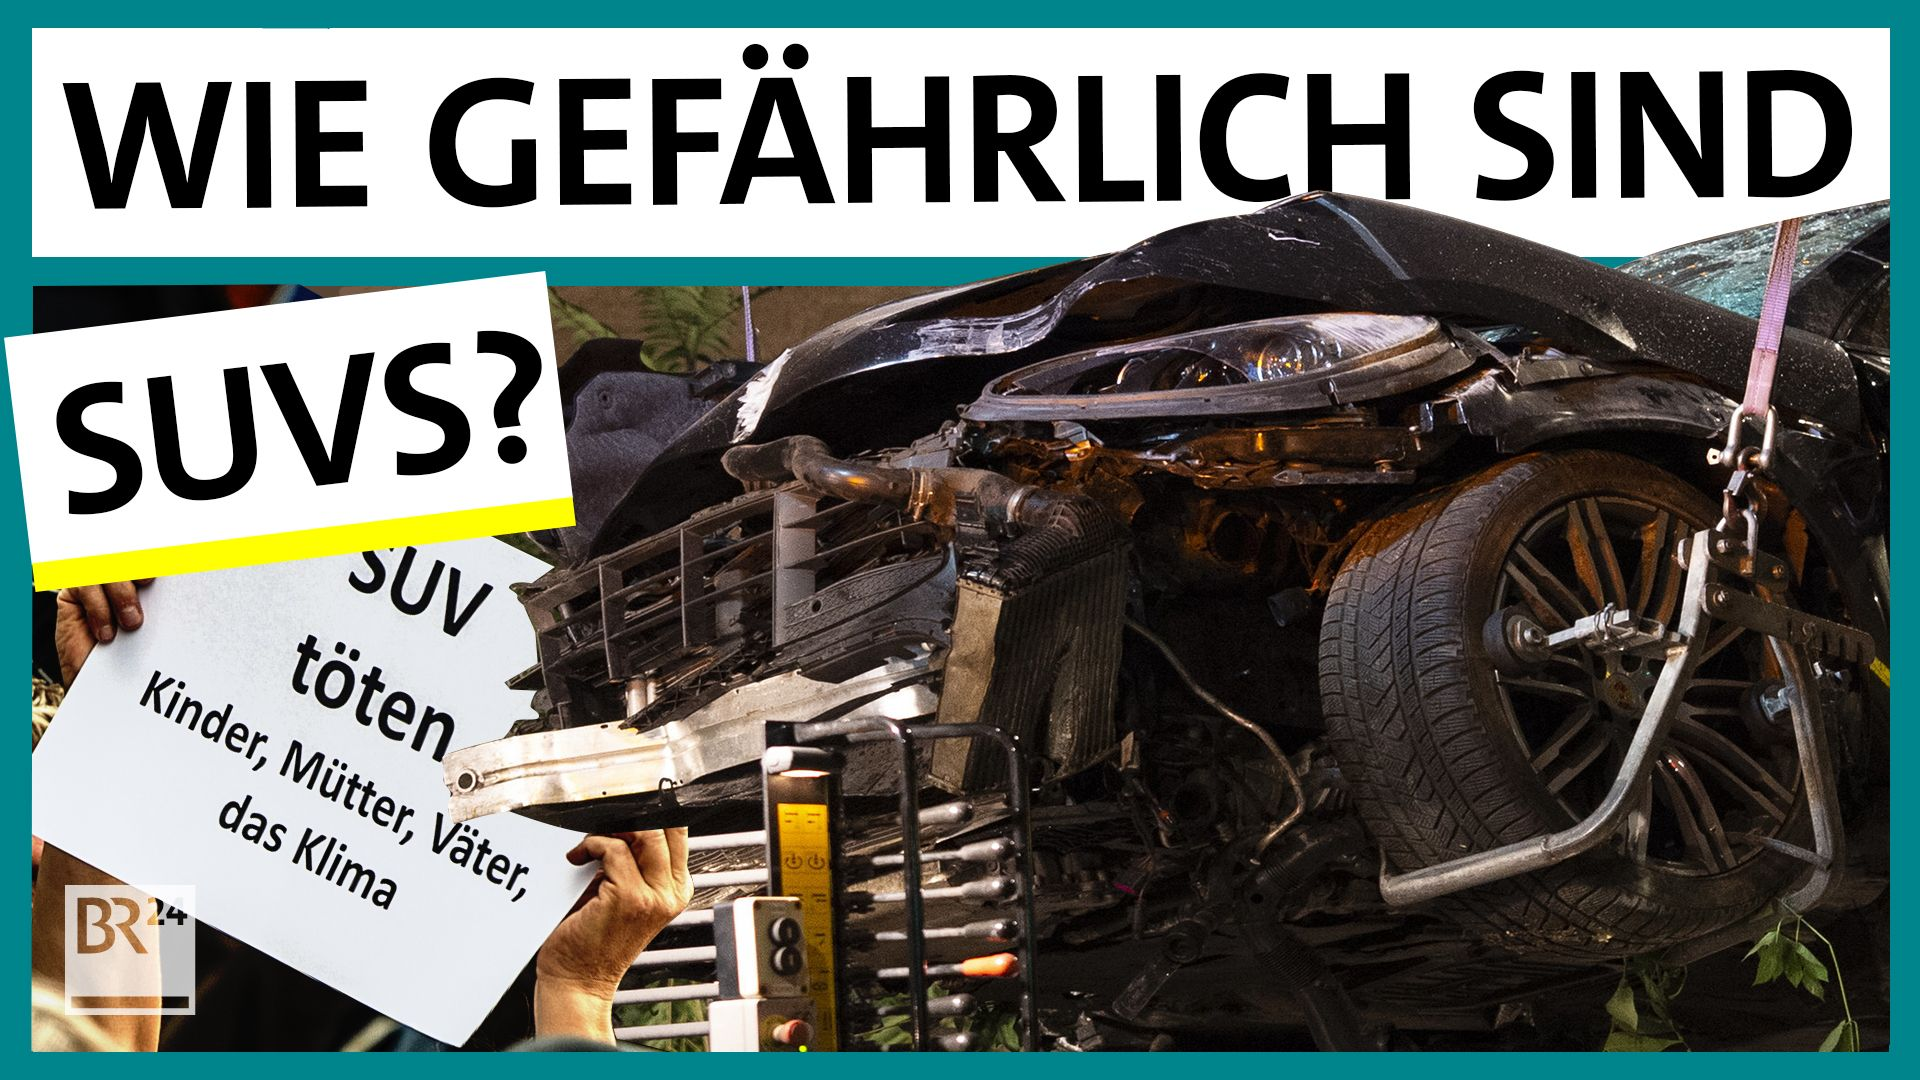 Ein zerstörter SUV wird auf einen Abschleppwagen gehoben.